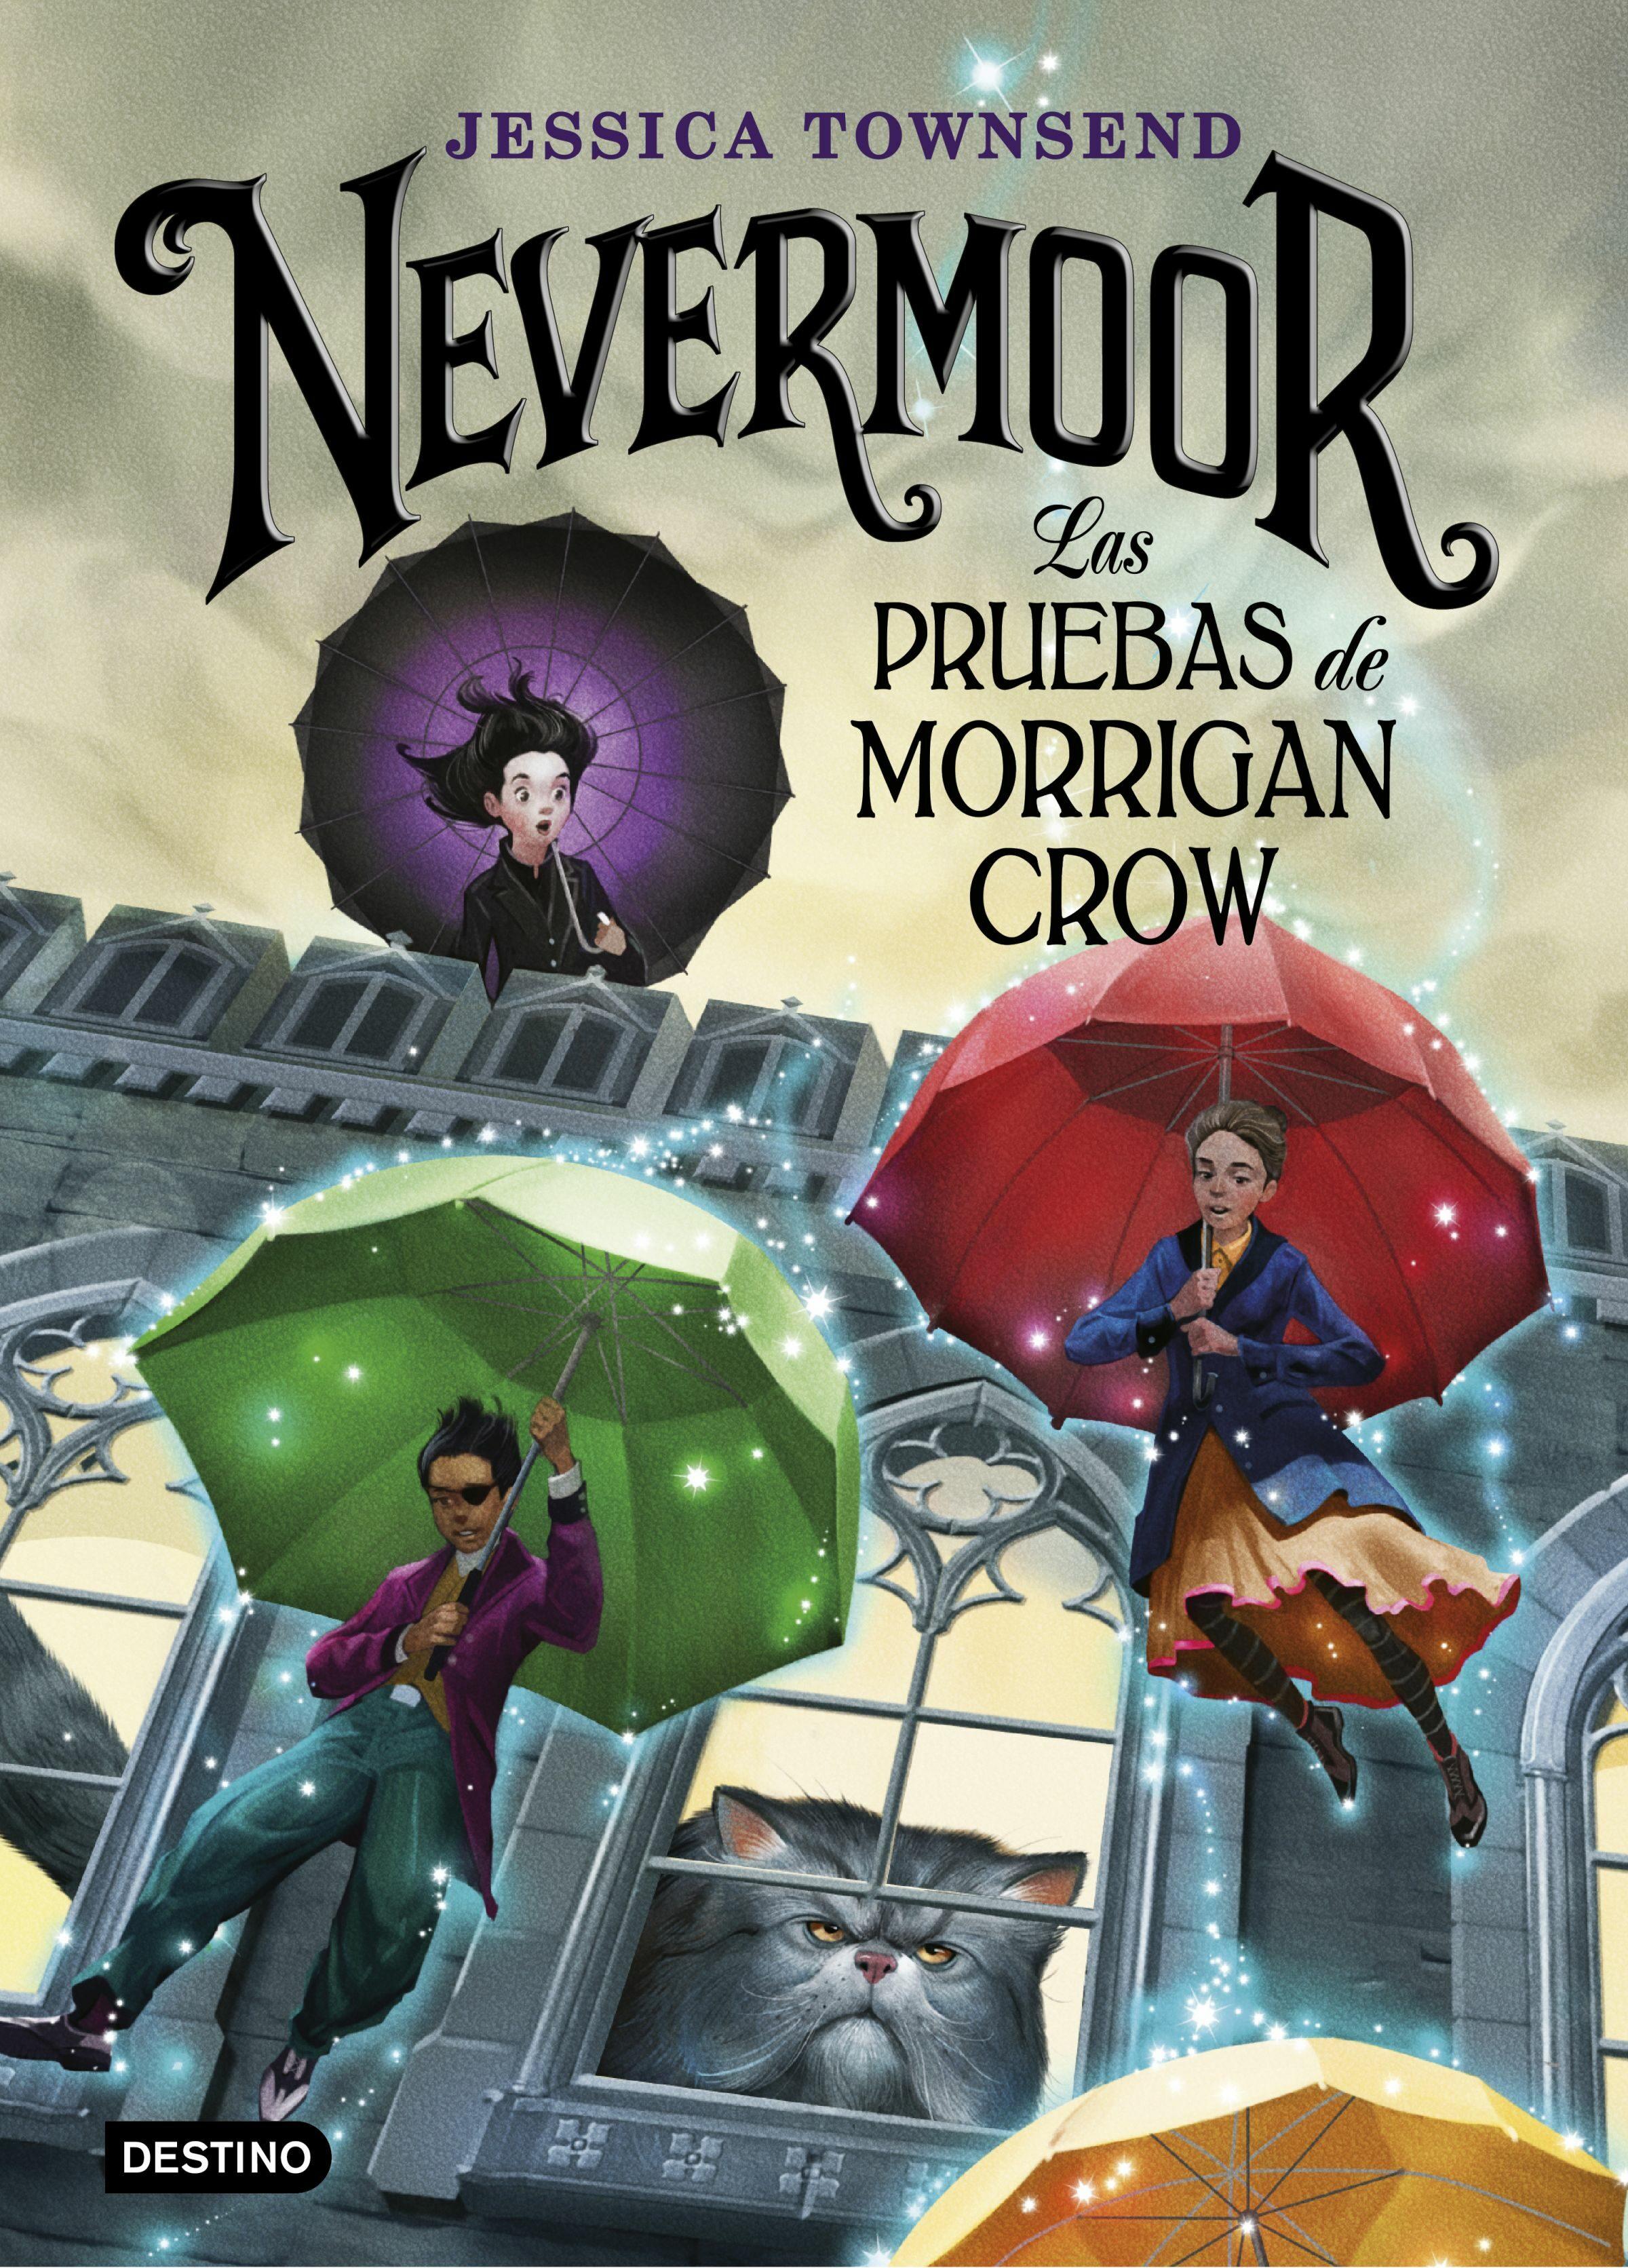 Nevermoor 1: Las Pruebas De Morrigan Crow por Jessica Townsend